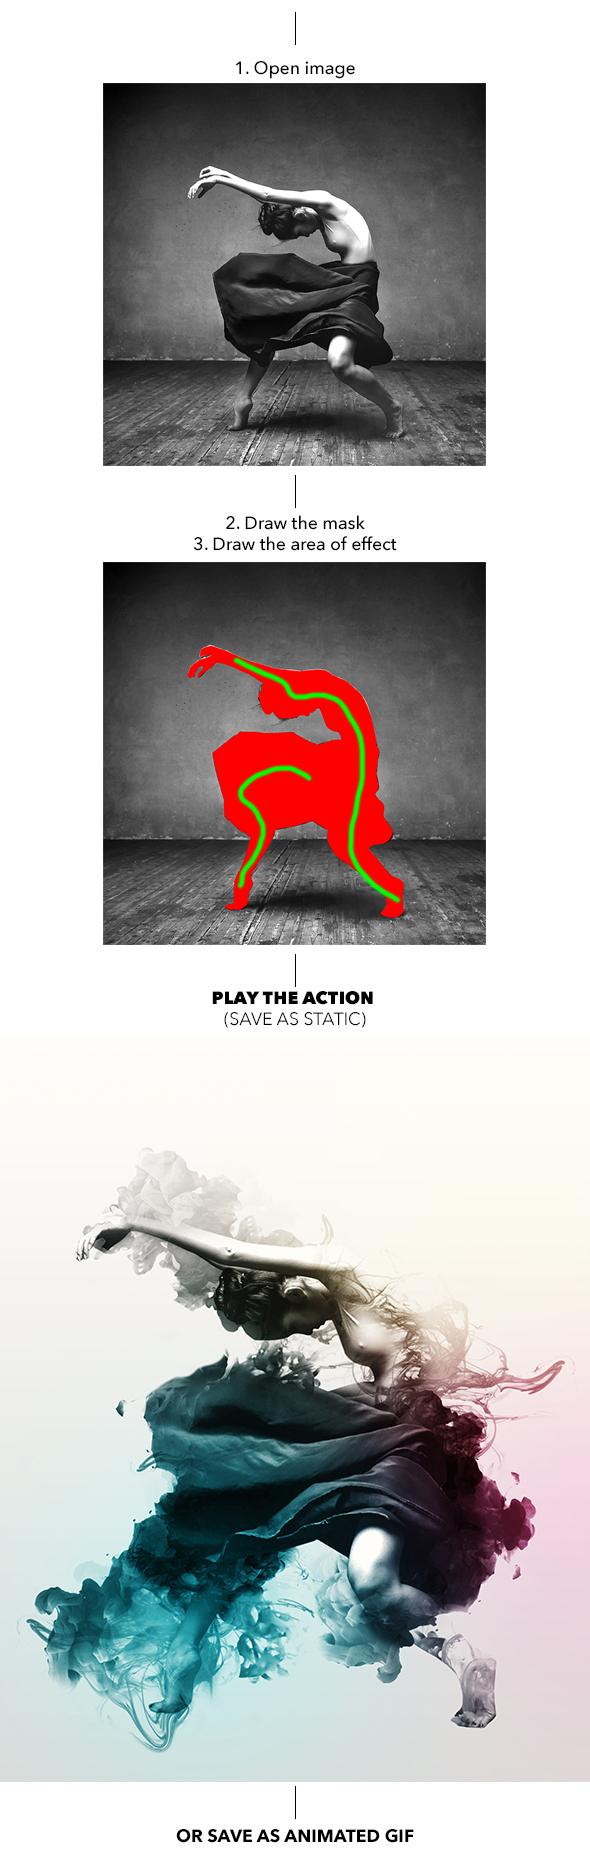 Gif Animated Ephemera Photoshop Action - 1